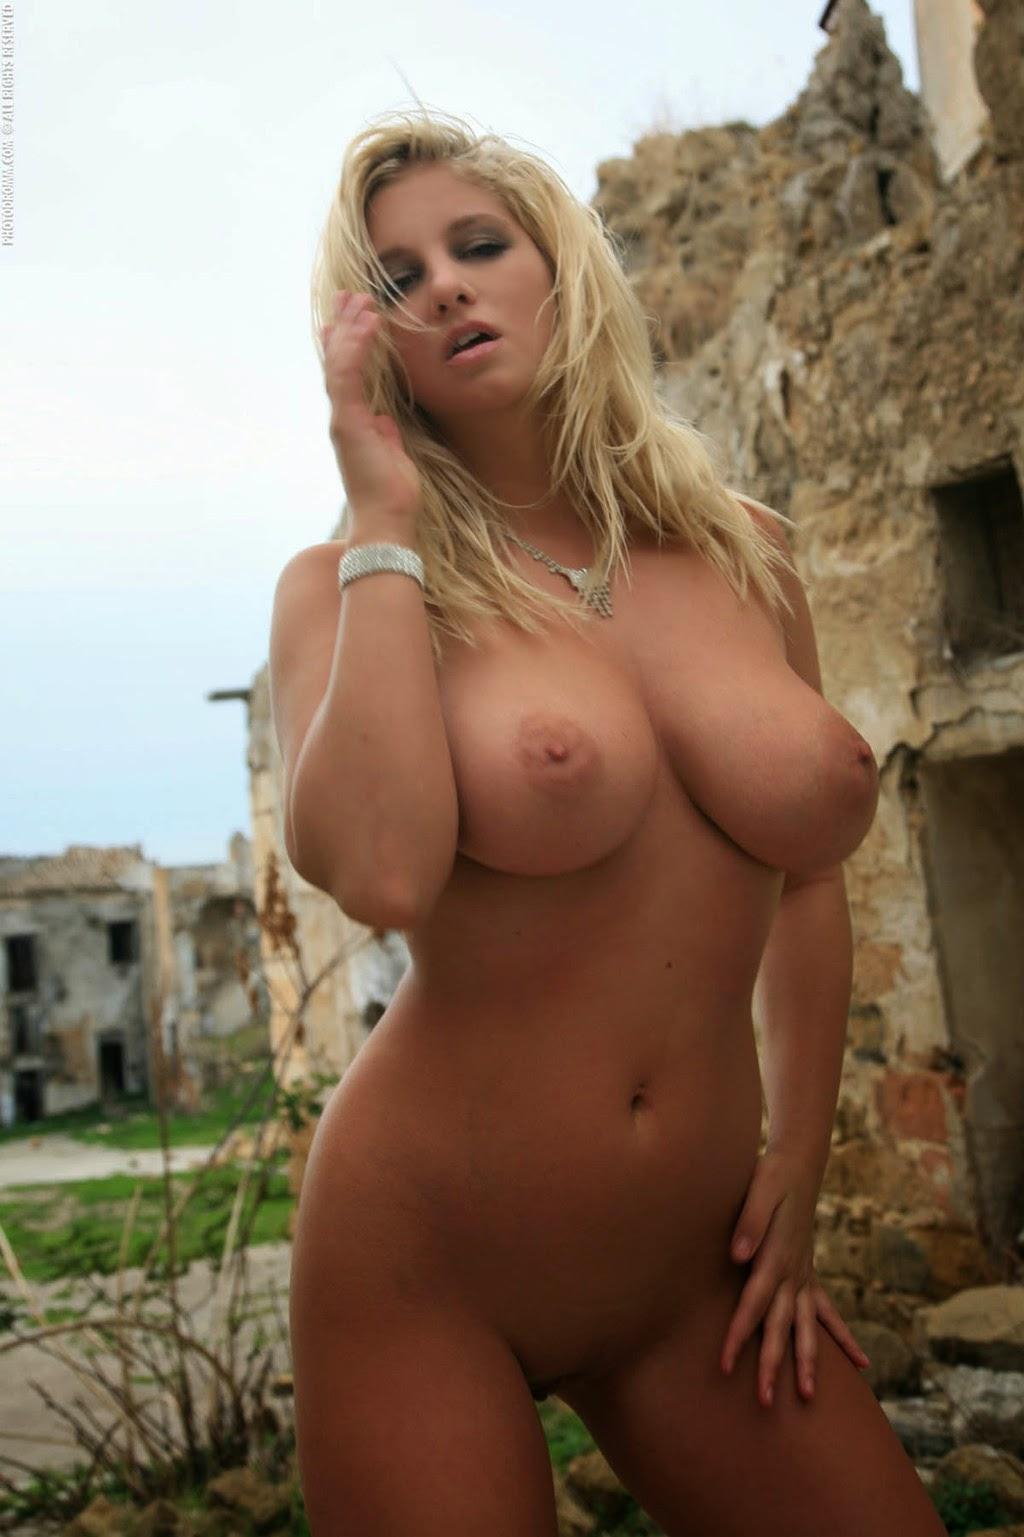 hot naked heater locklier